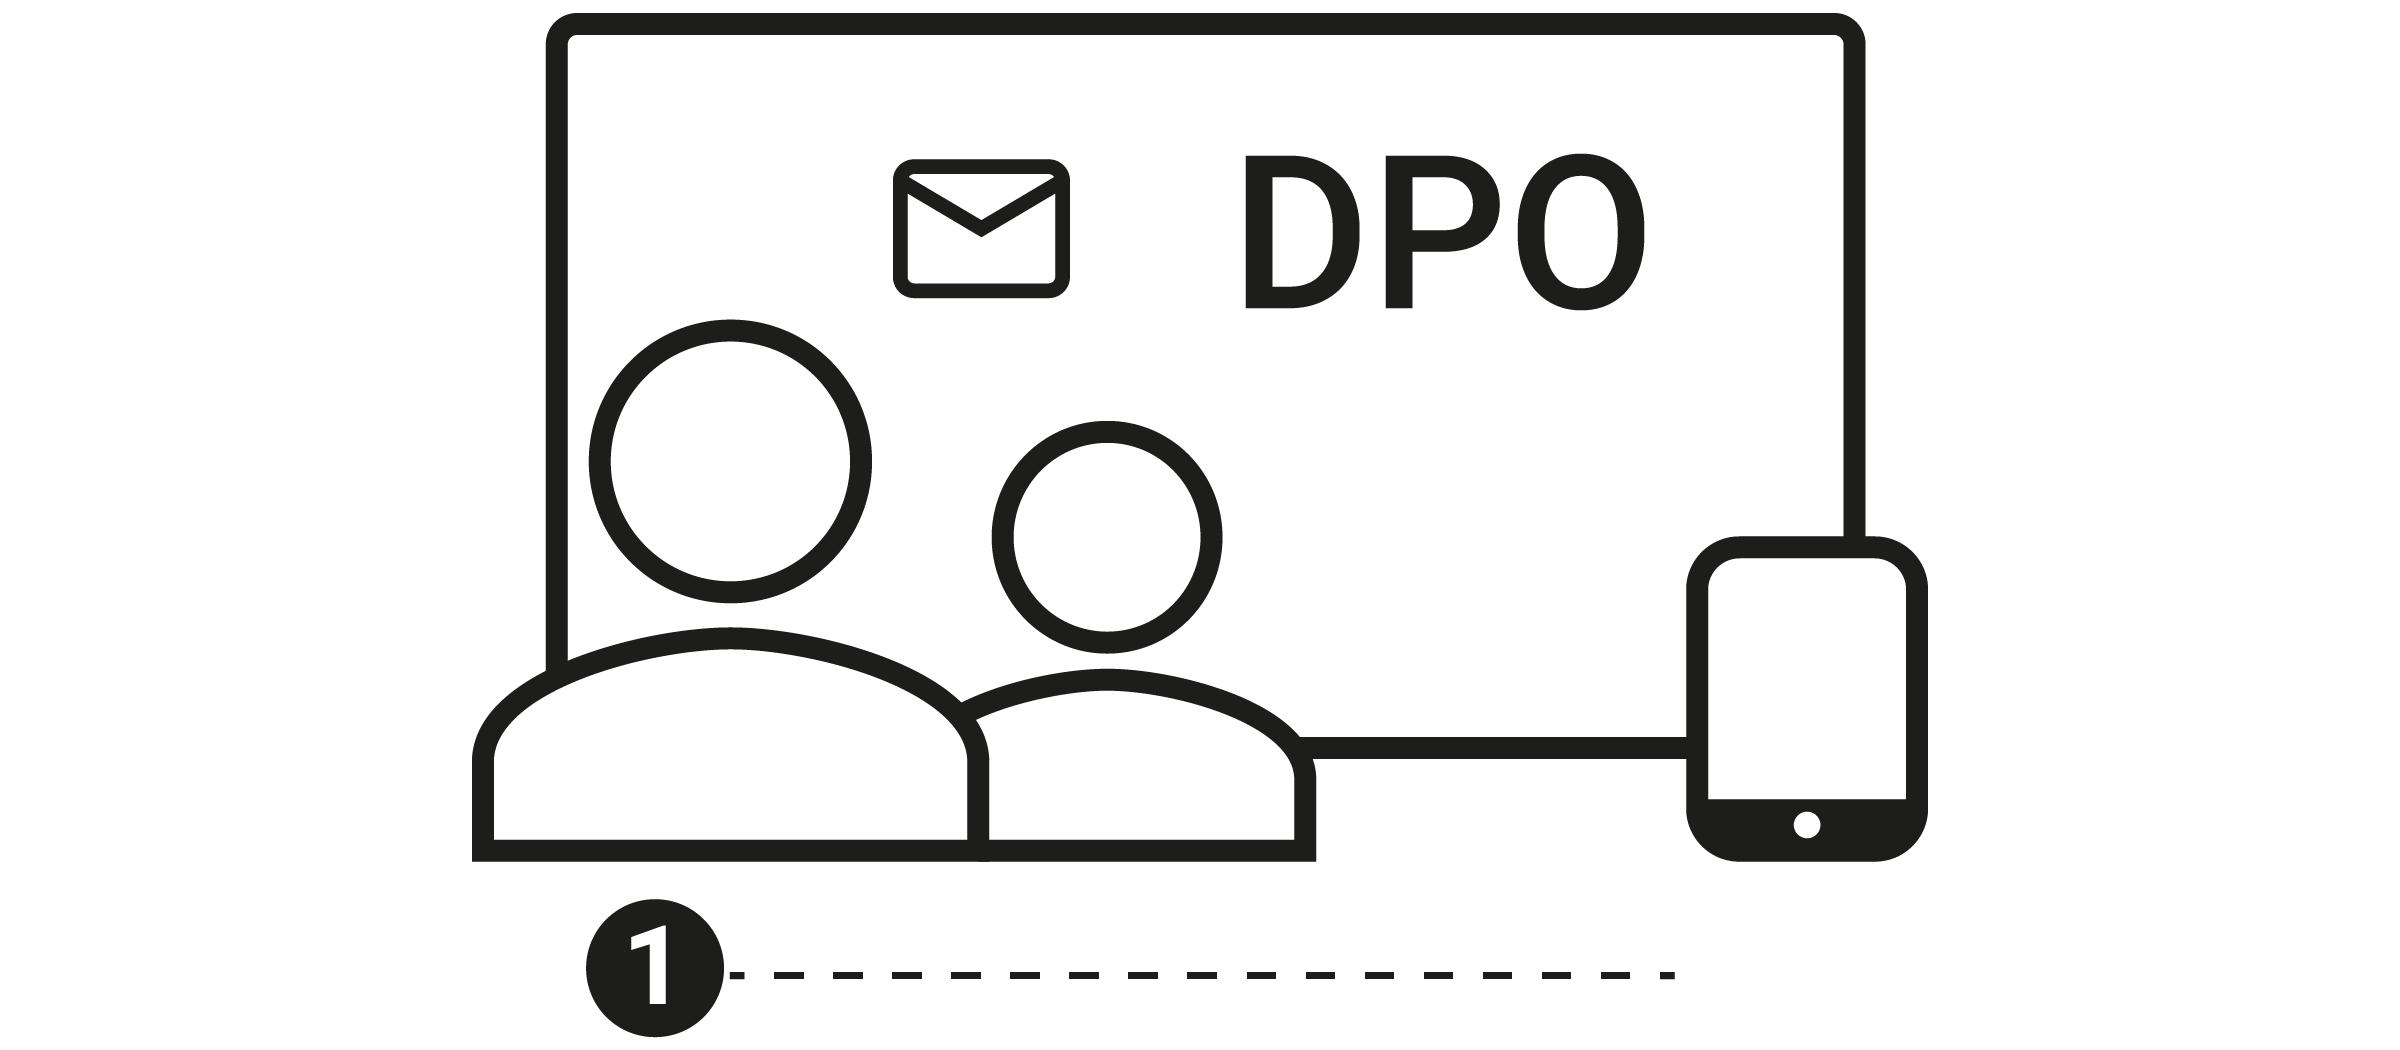 sd-dporder-flowchart_screen-01_800x350px3x